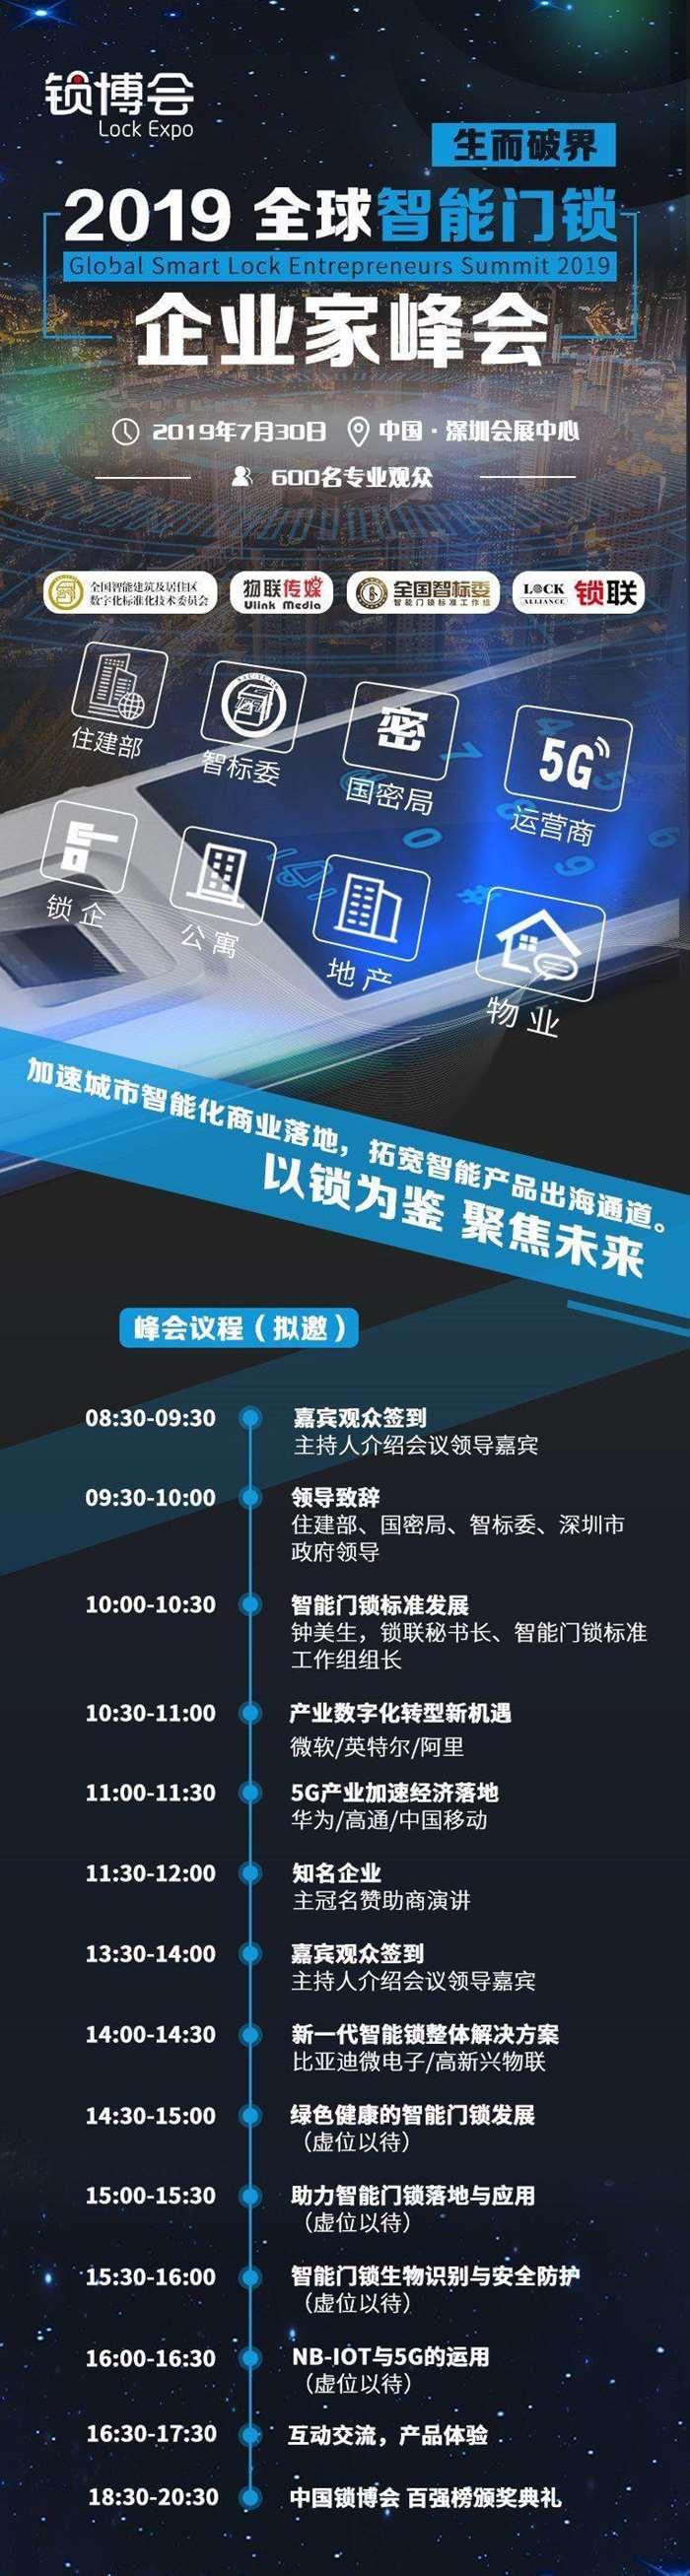 企业家峰会长图宣传图定稿2019514.jpg